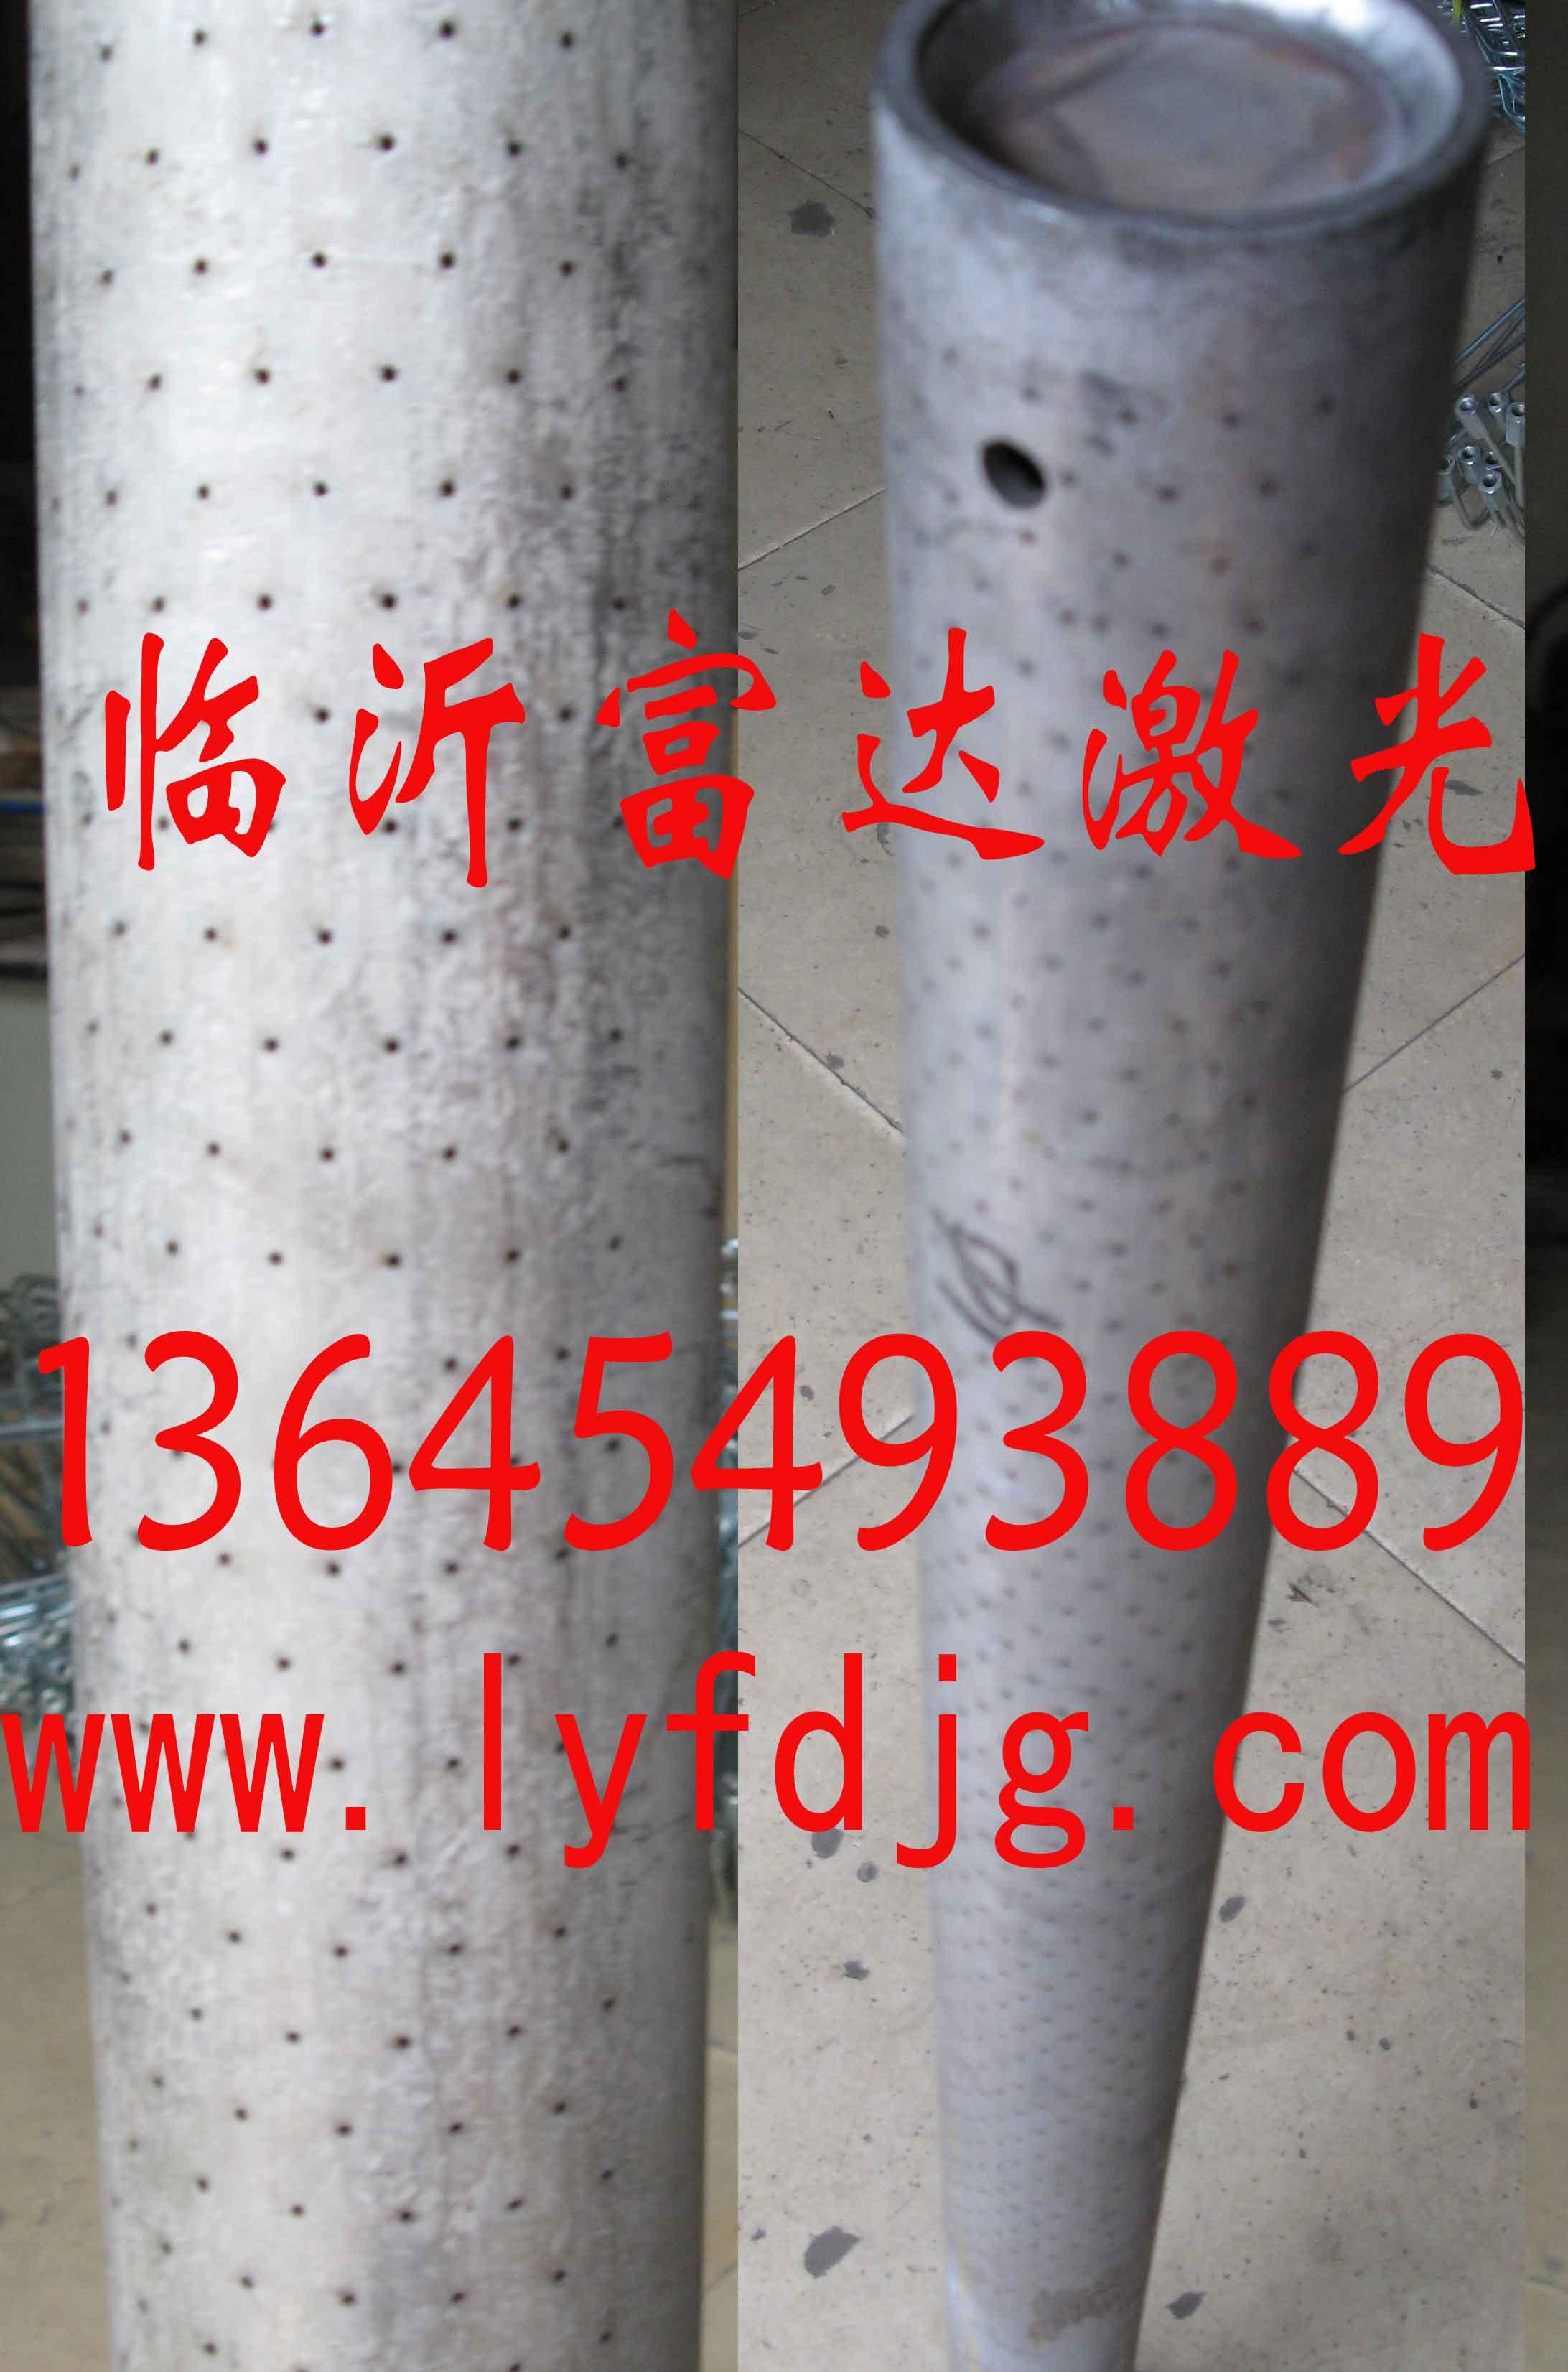 分布器激光打孔加工图片/分布器激光打孔加工样板图 (2)